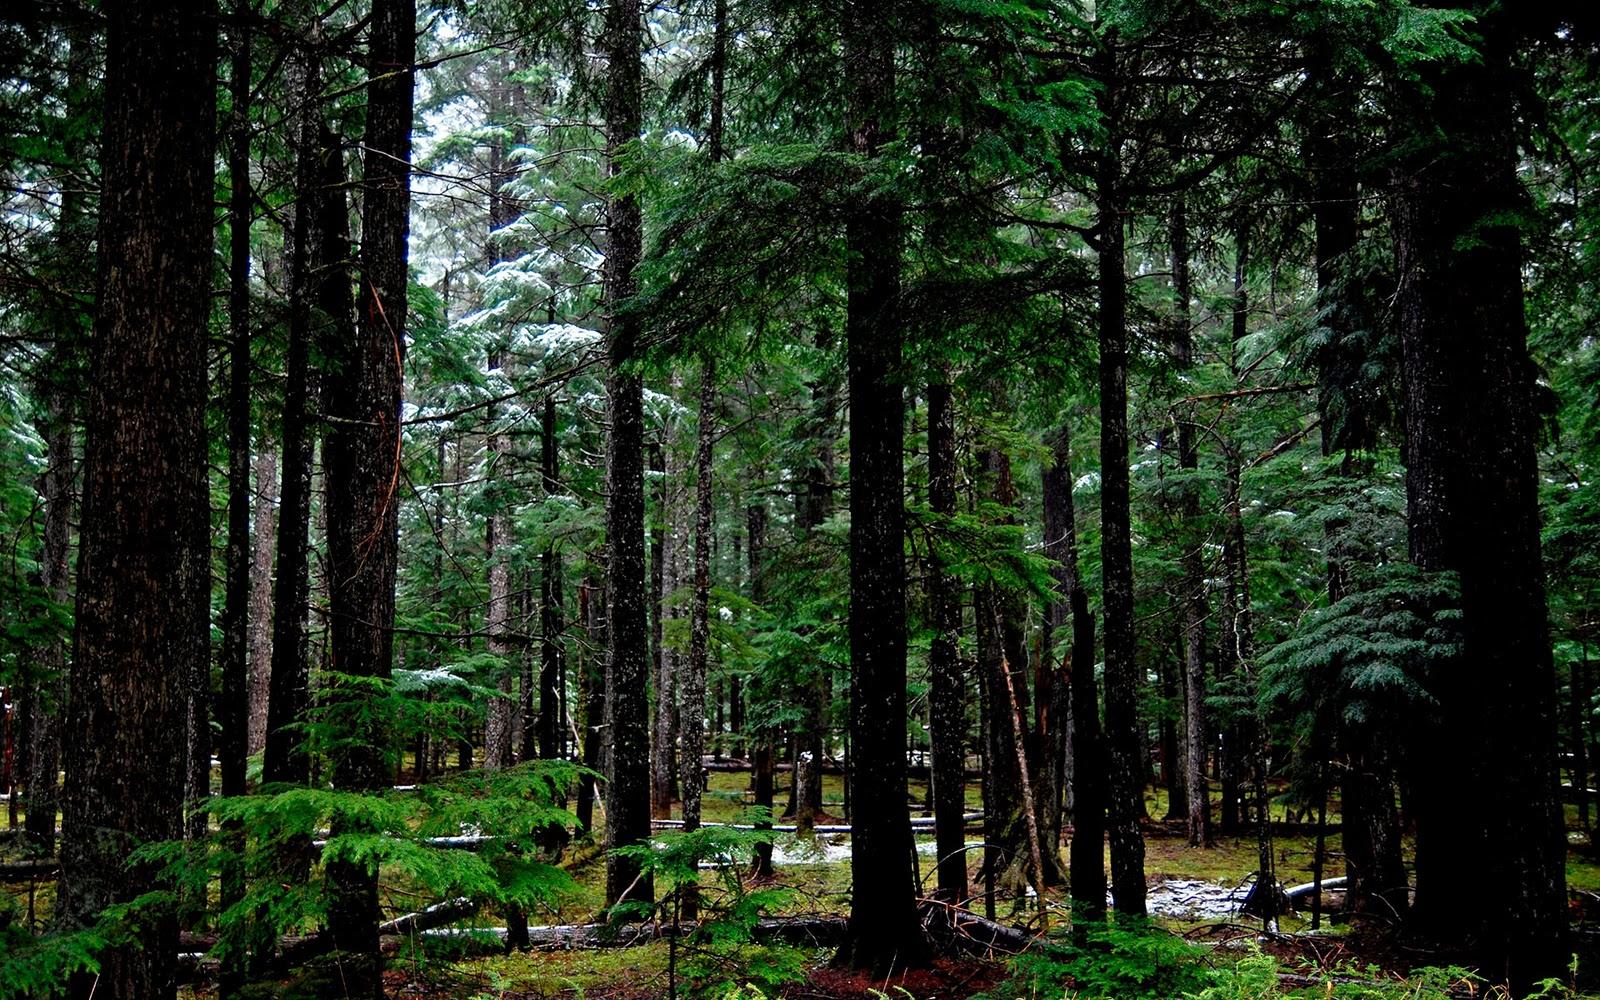 http://3.bp.blogspot.com/_GaHhpQPELjg/TOeGAr_wztI/AAAAAAAAAFM/RKQQXq7HNV0/s1600/forest_1_wallpaper.jpg